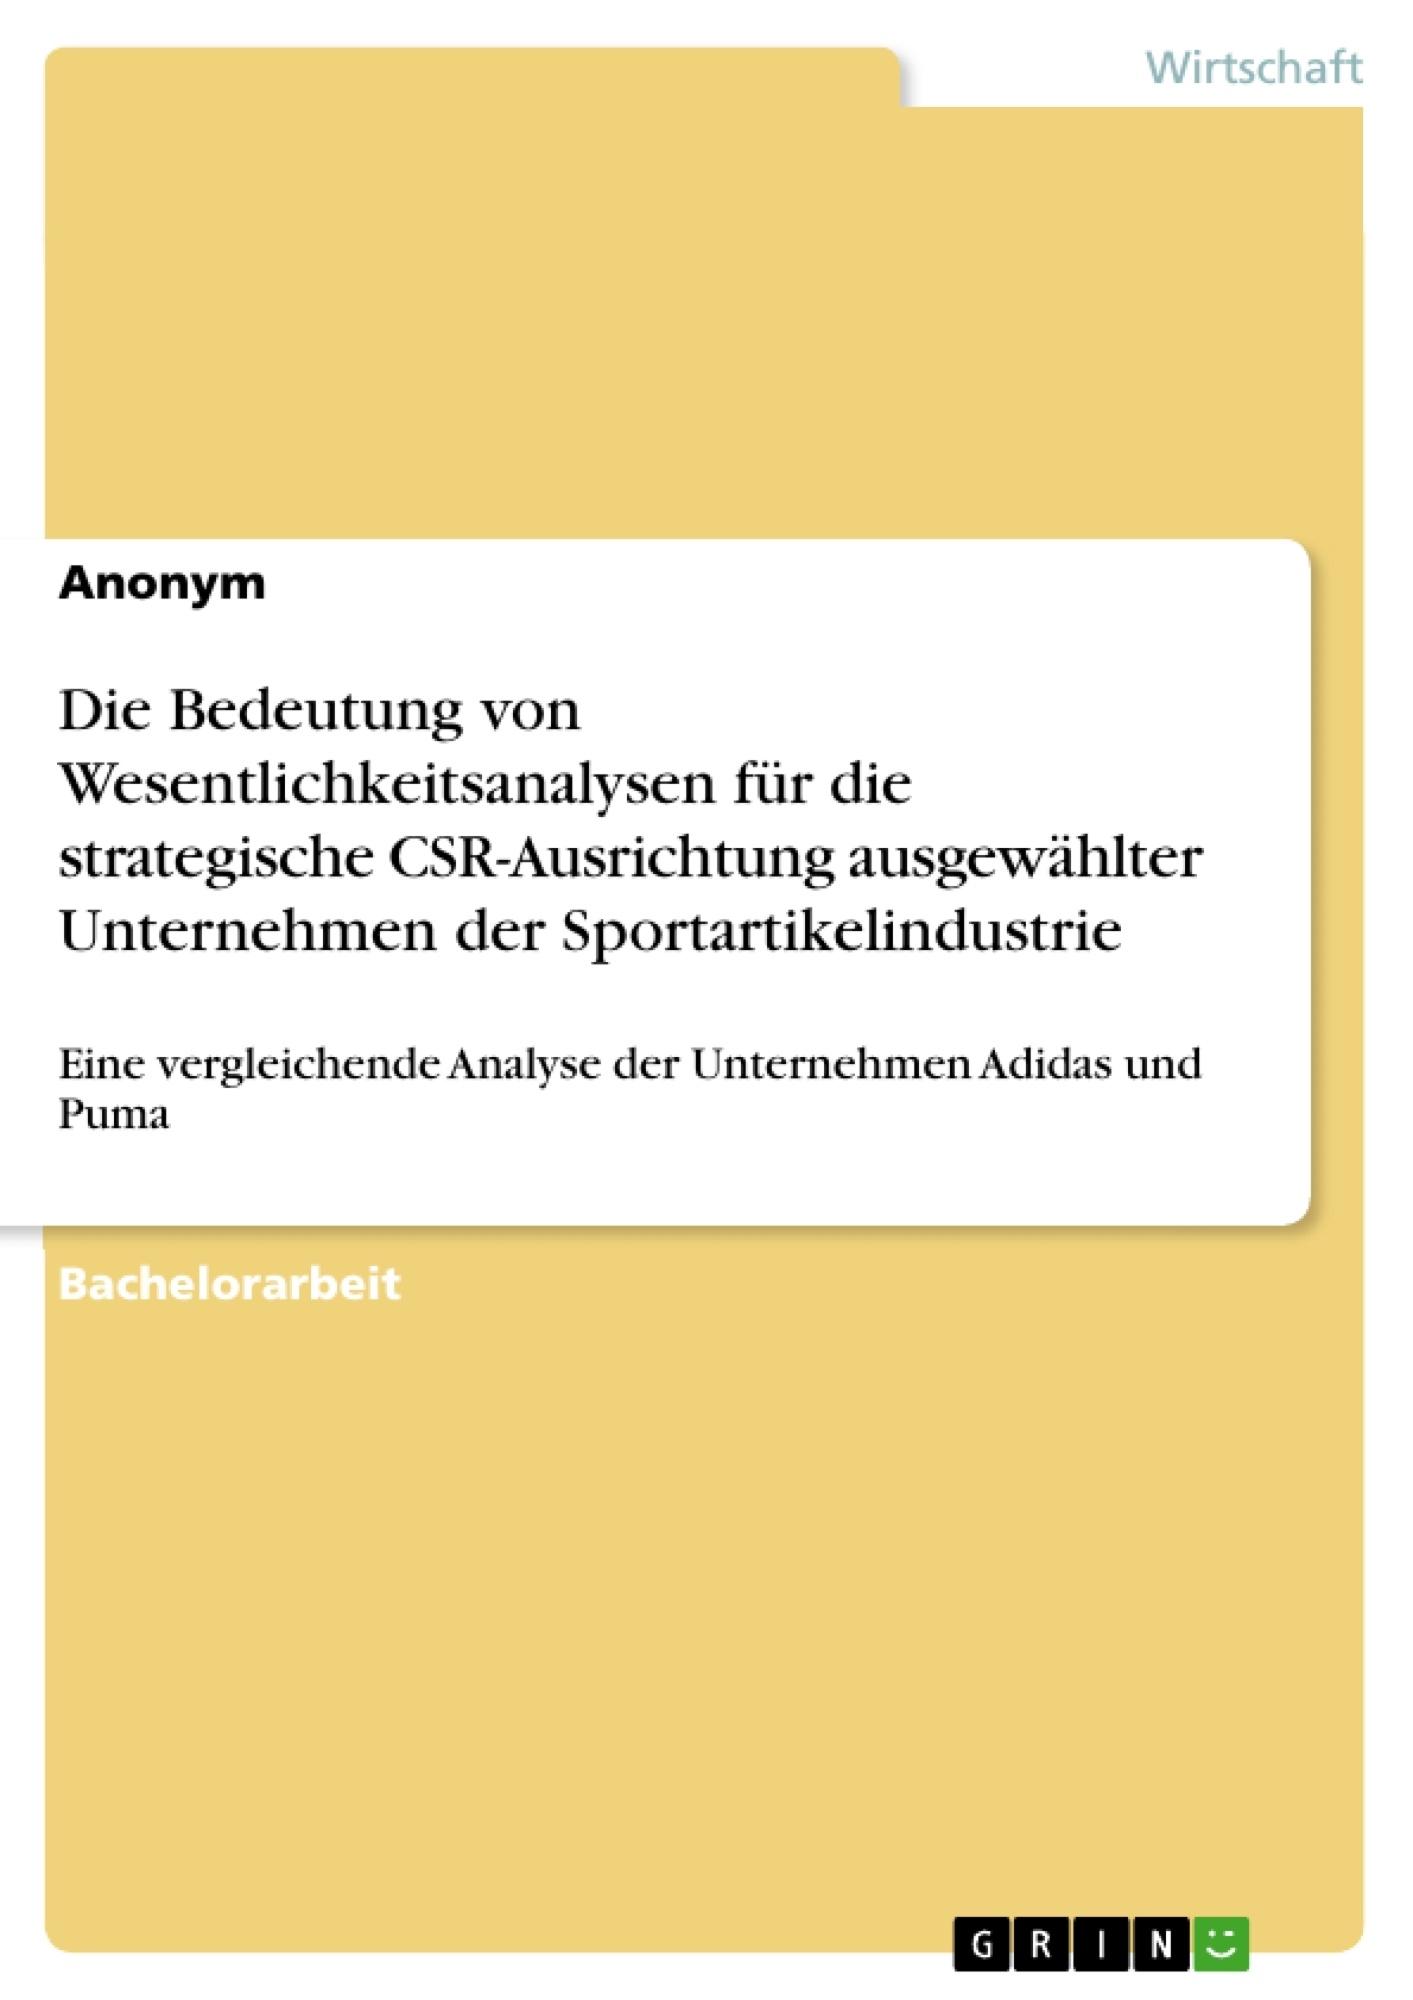 Titel: Die Bedeutung von Wesentlichkeitsanalysen für die strategische CSR-Ausrichtung ausgewählter Unternehmen der Sportartikelindustrie